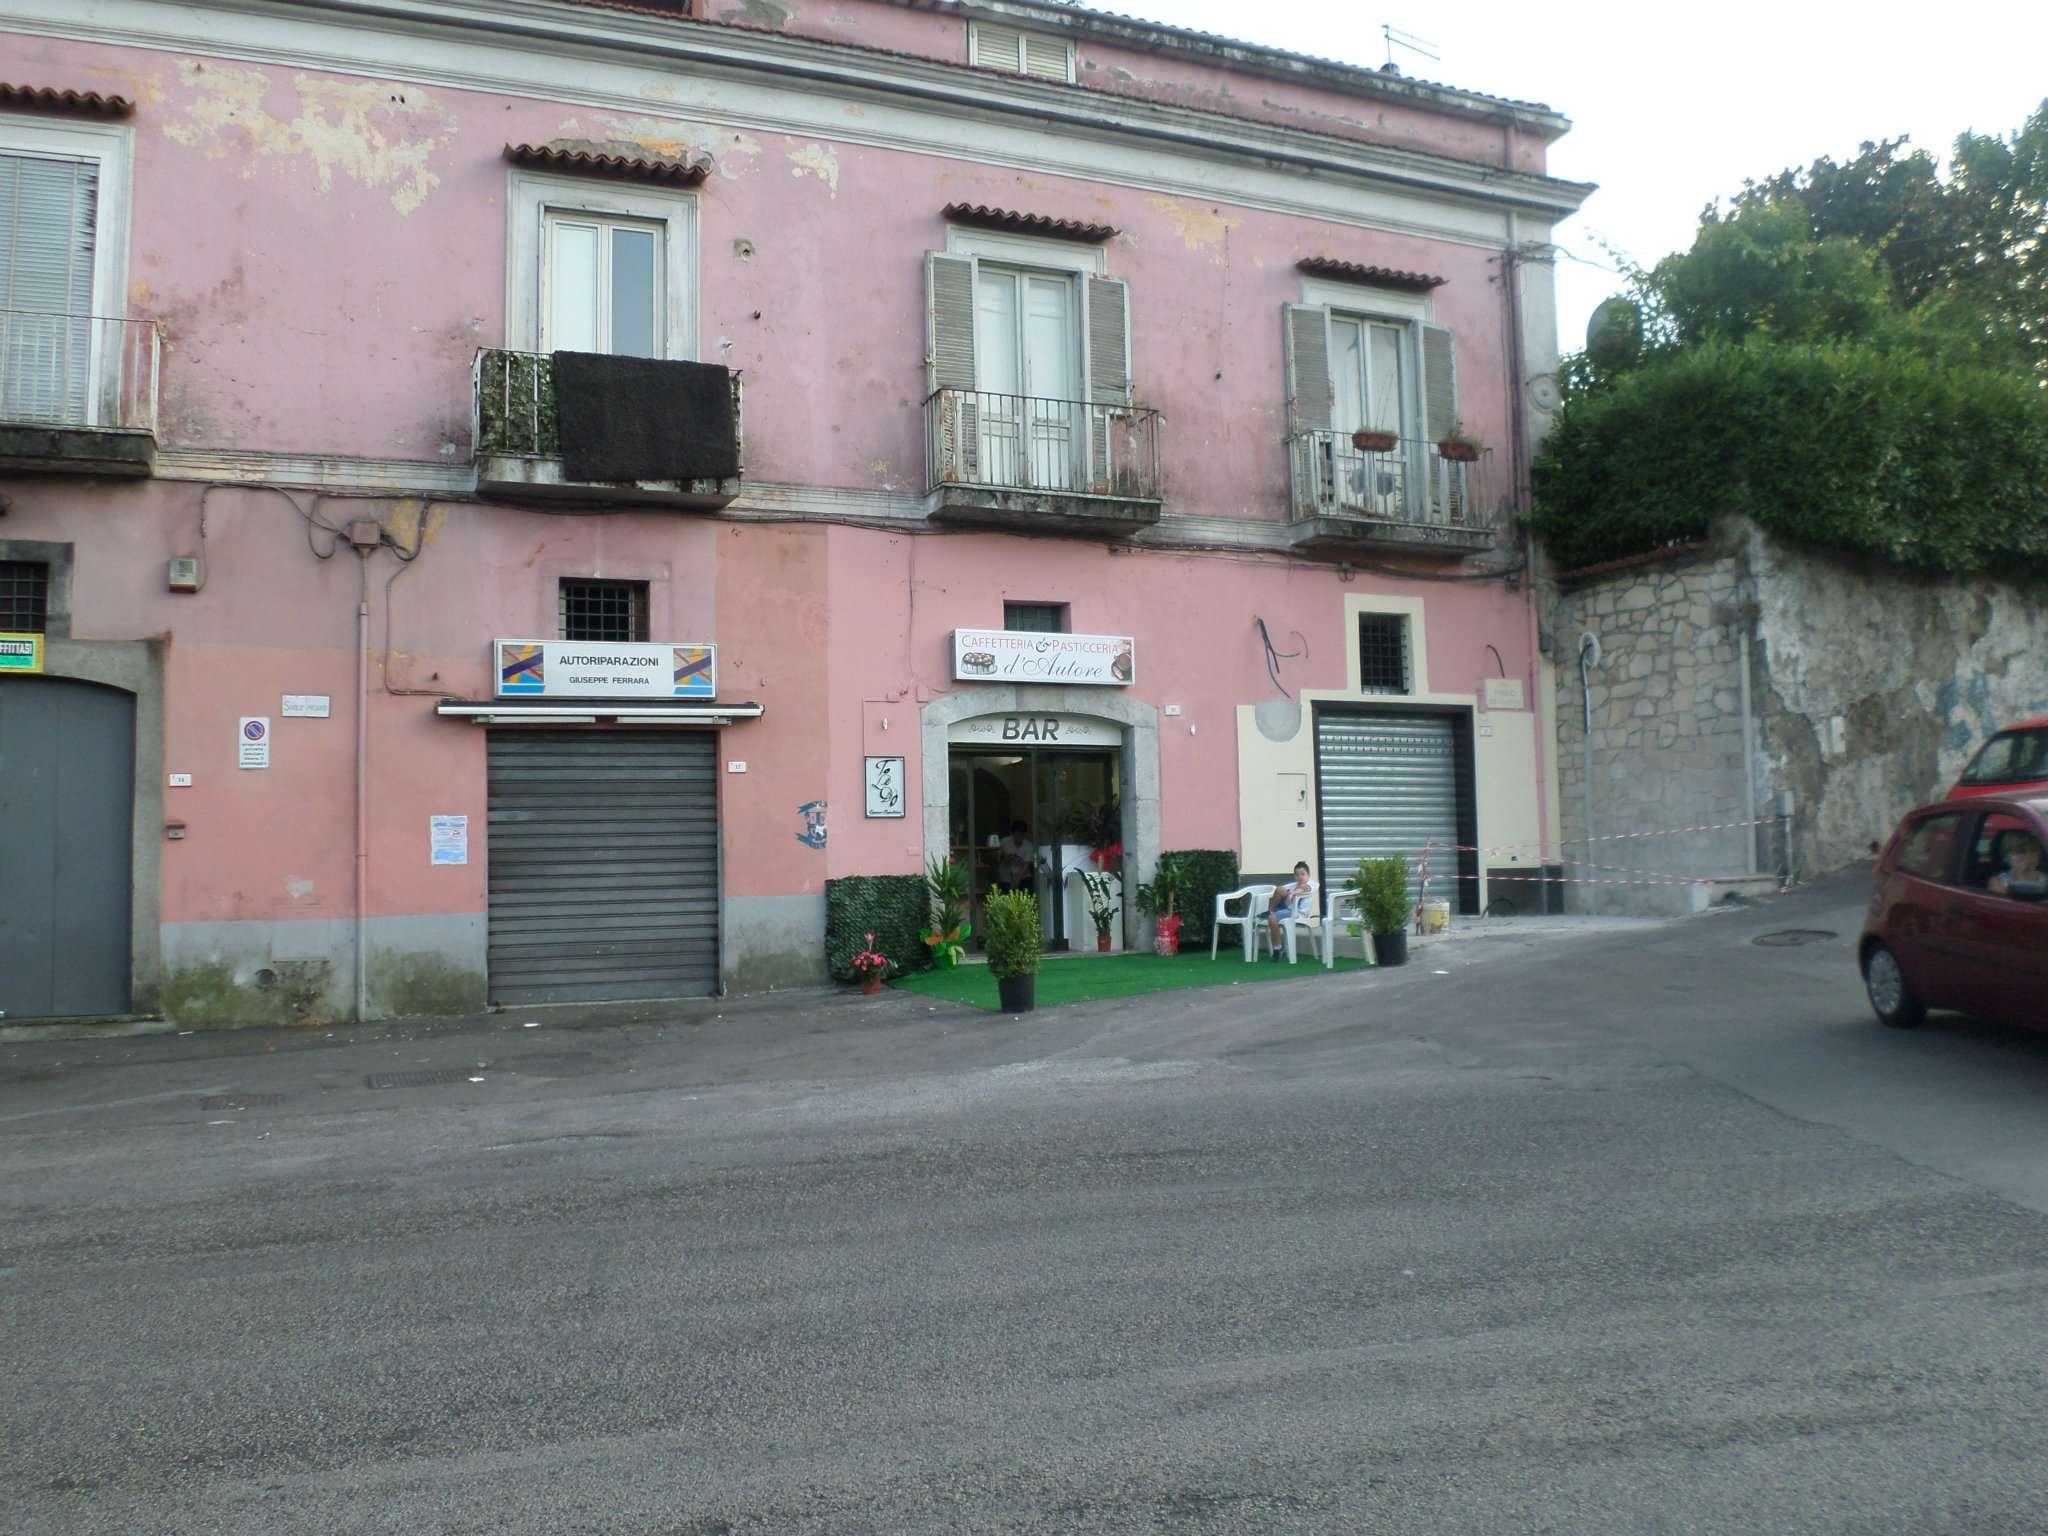 Attività / Licenza in vendita a Cava de' Tirreni, 2 locali, prezzo € 65.000 | CambioCasa.it